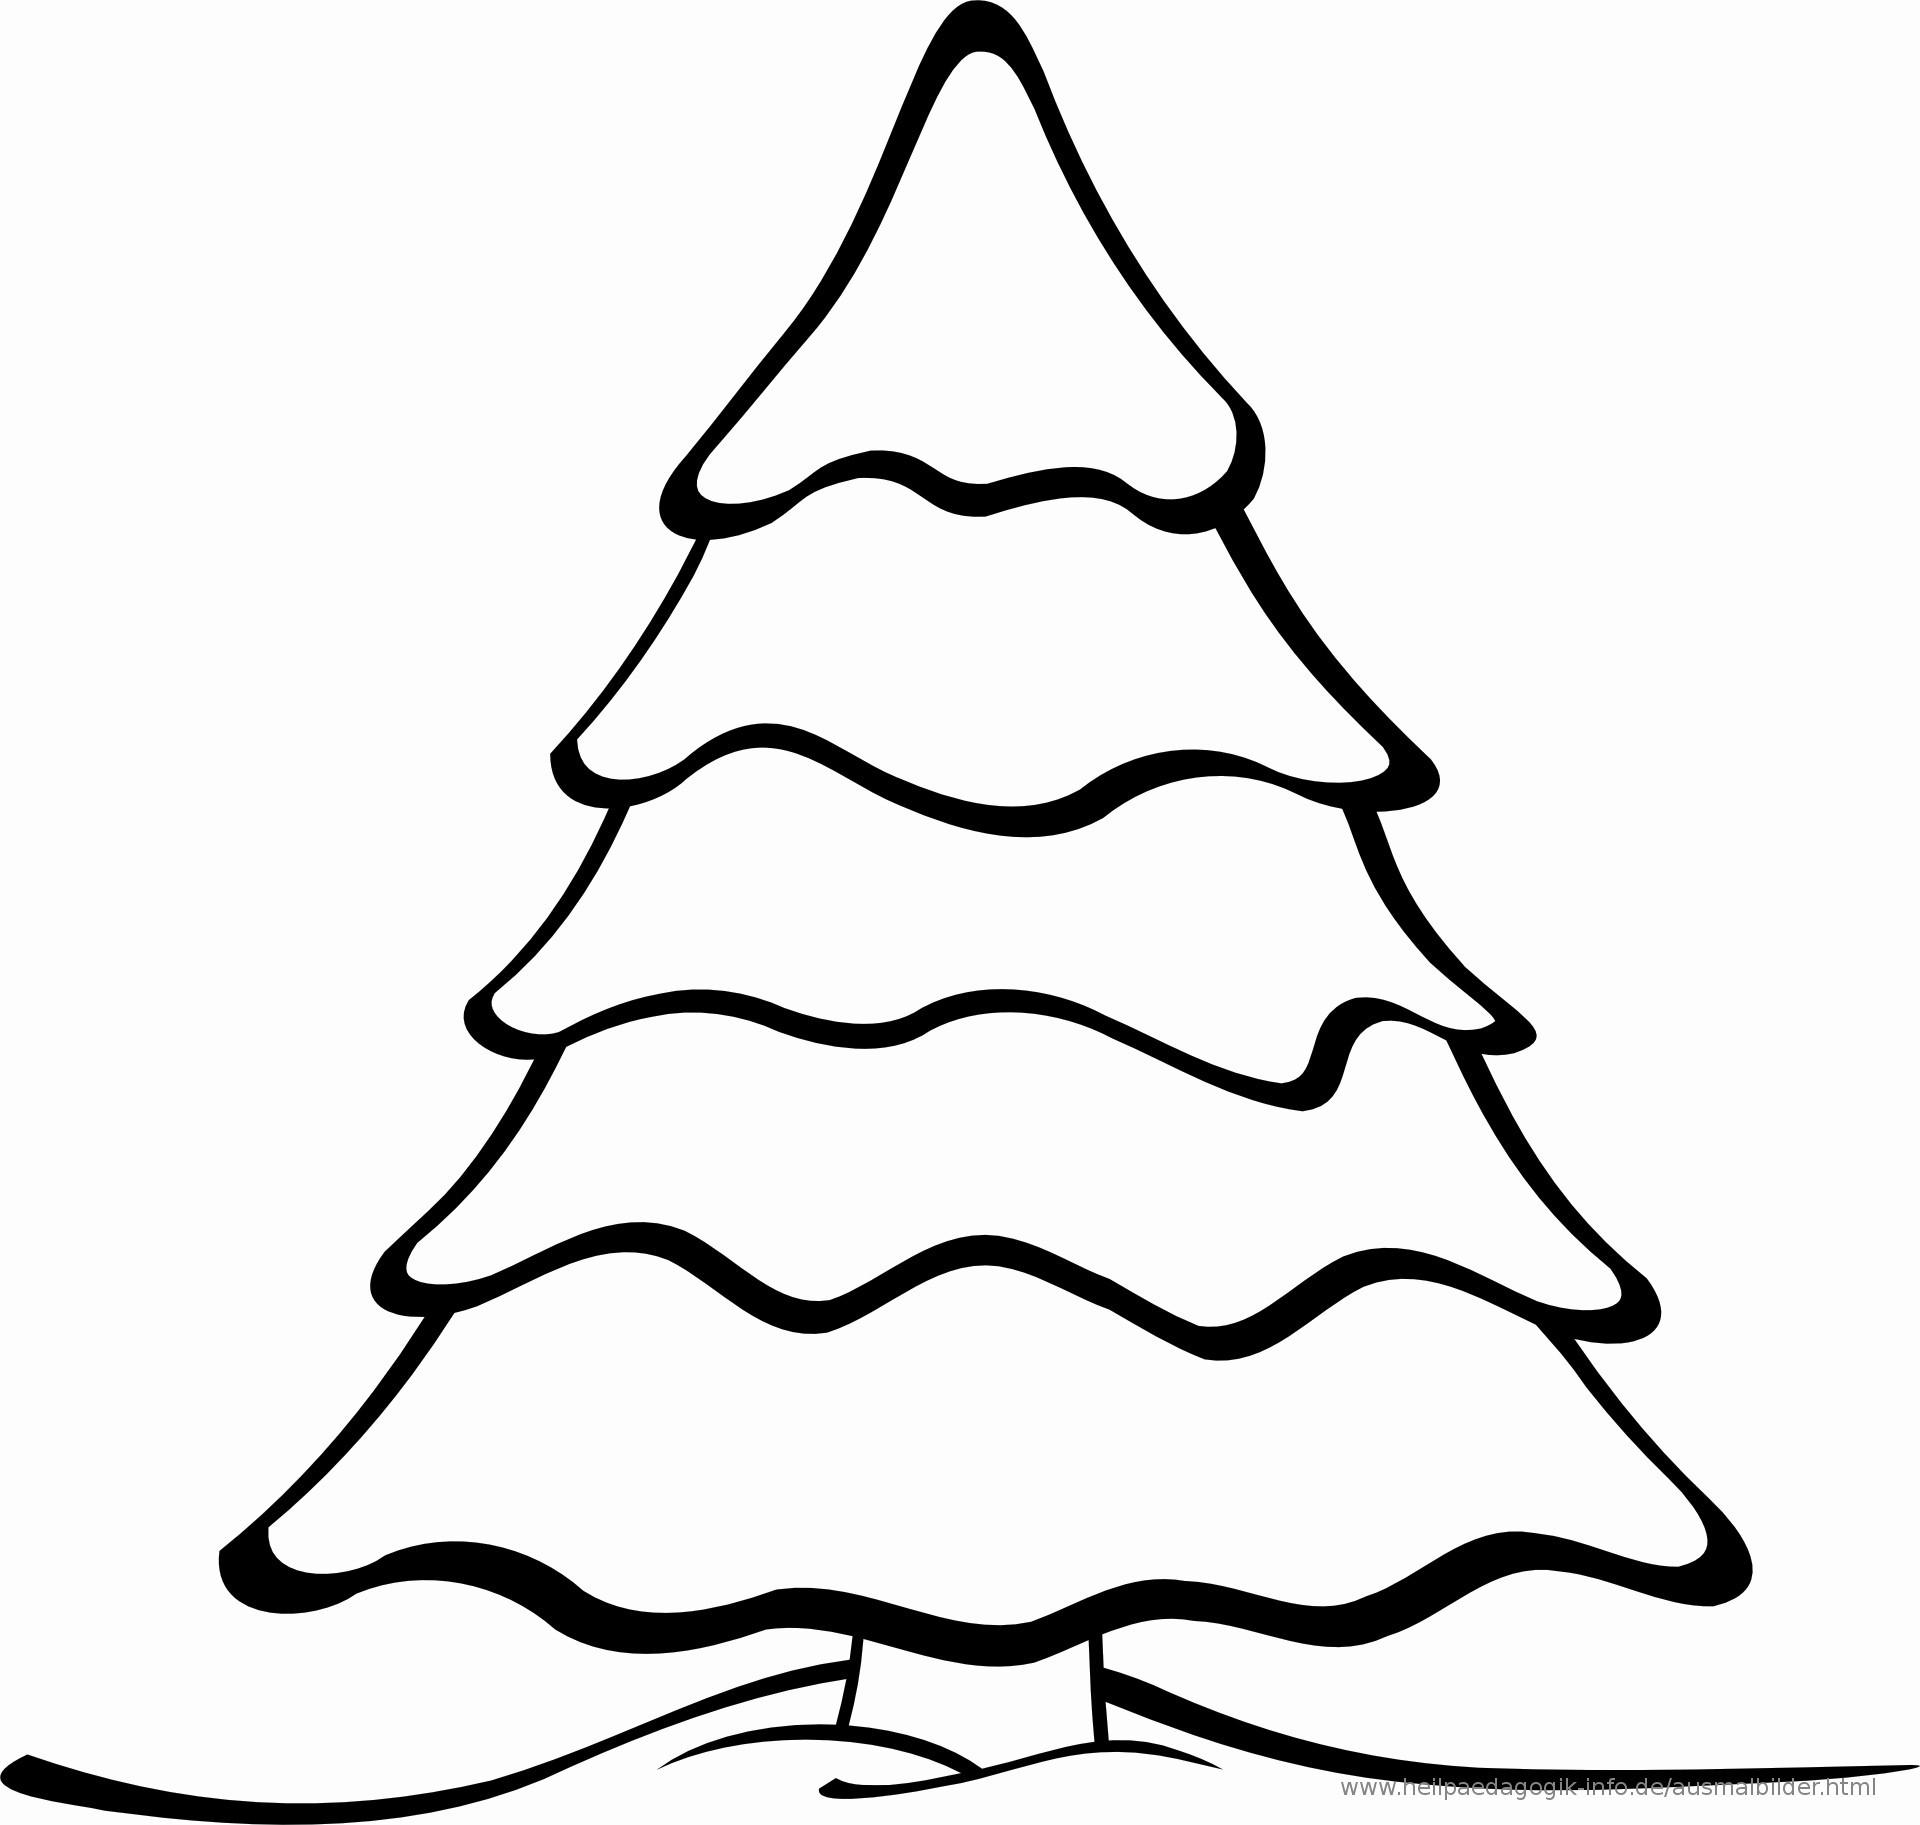 Ausmalbilder Weihnachten Merry Christmas Genial Tannenbaum Ausmalbild Einzigartig Malvorlagen Tannenbaum Fotos